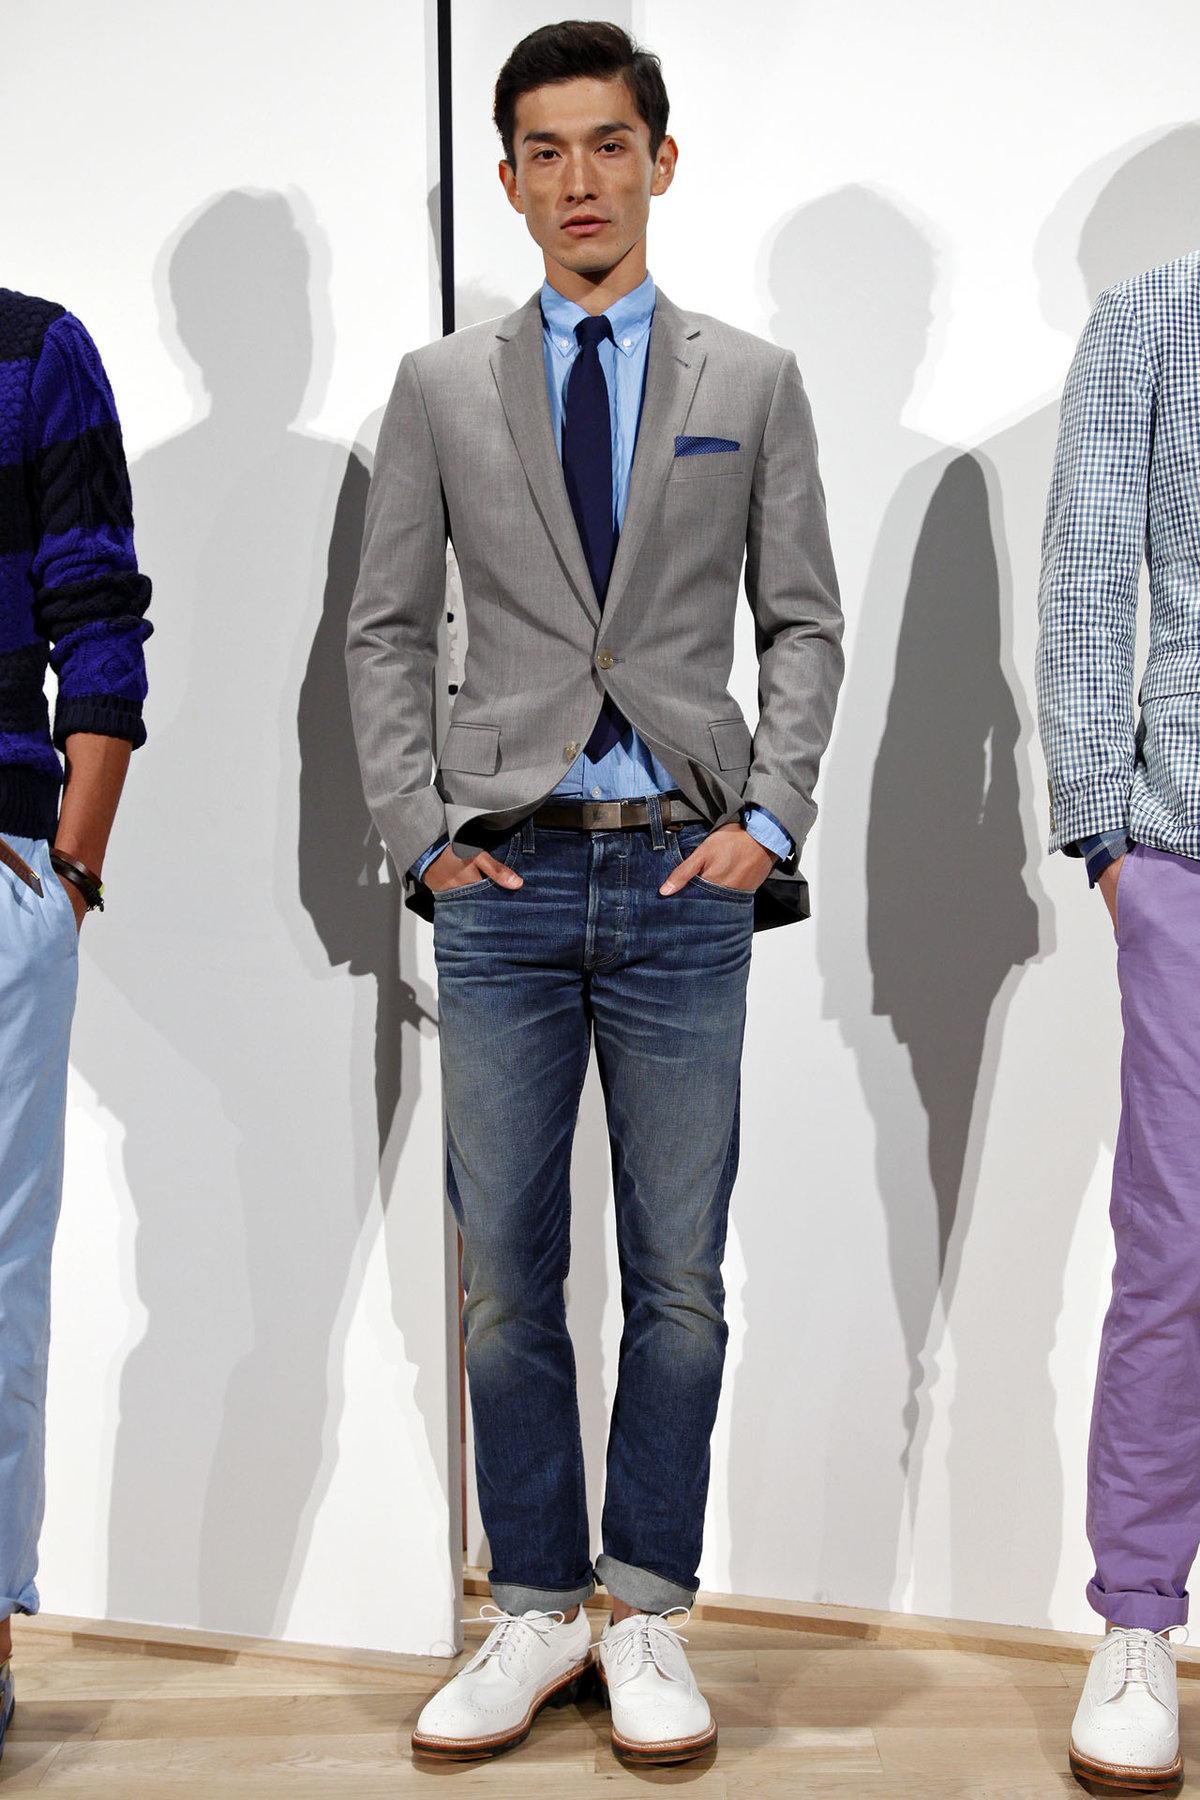 фотографии, одежда для худых мужчин фото весна